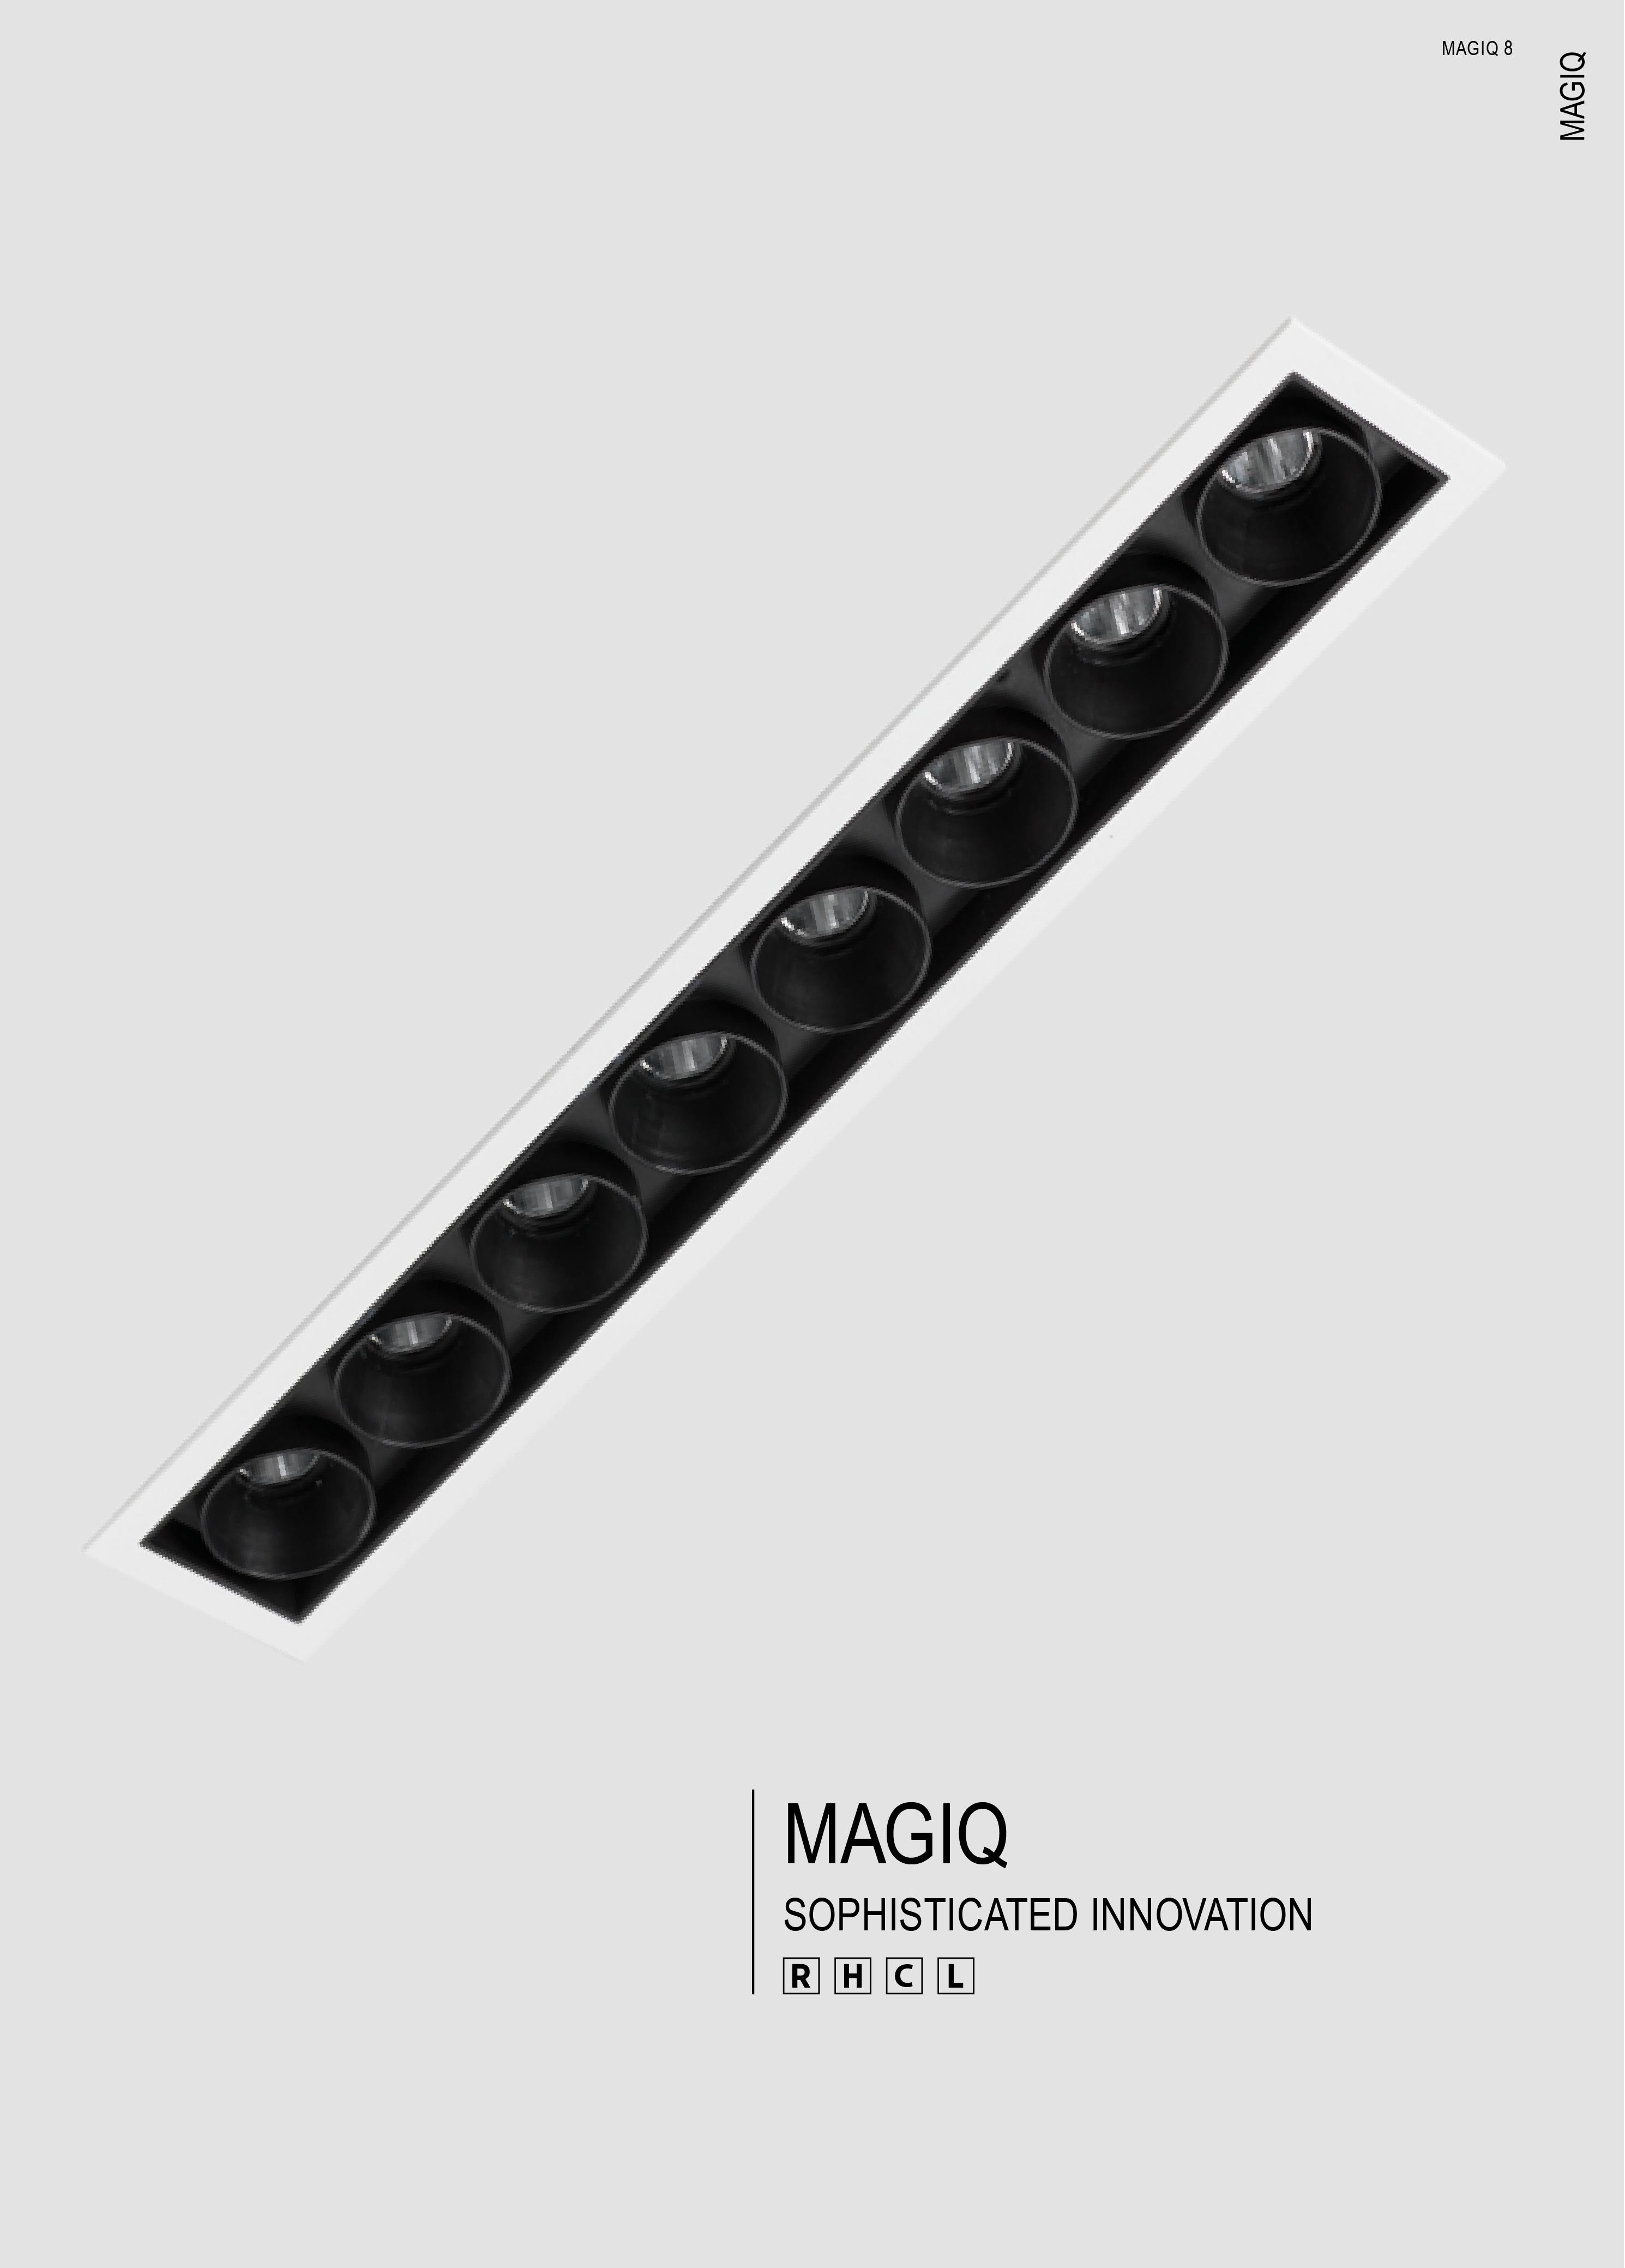 Prolicht-magiq